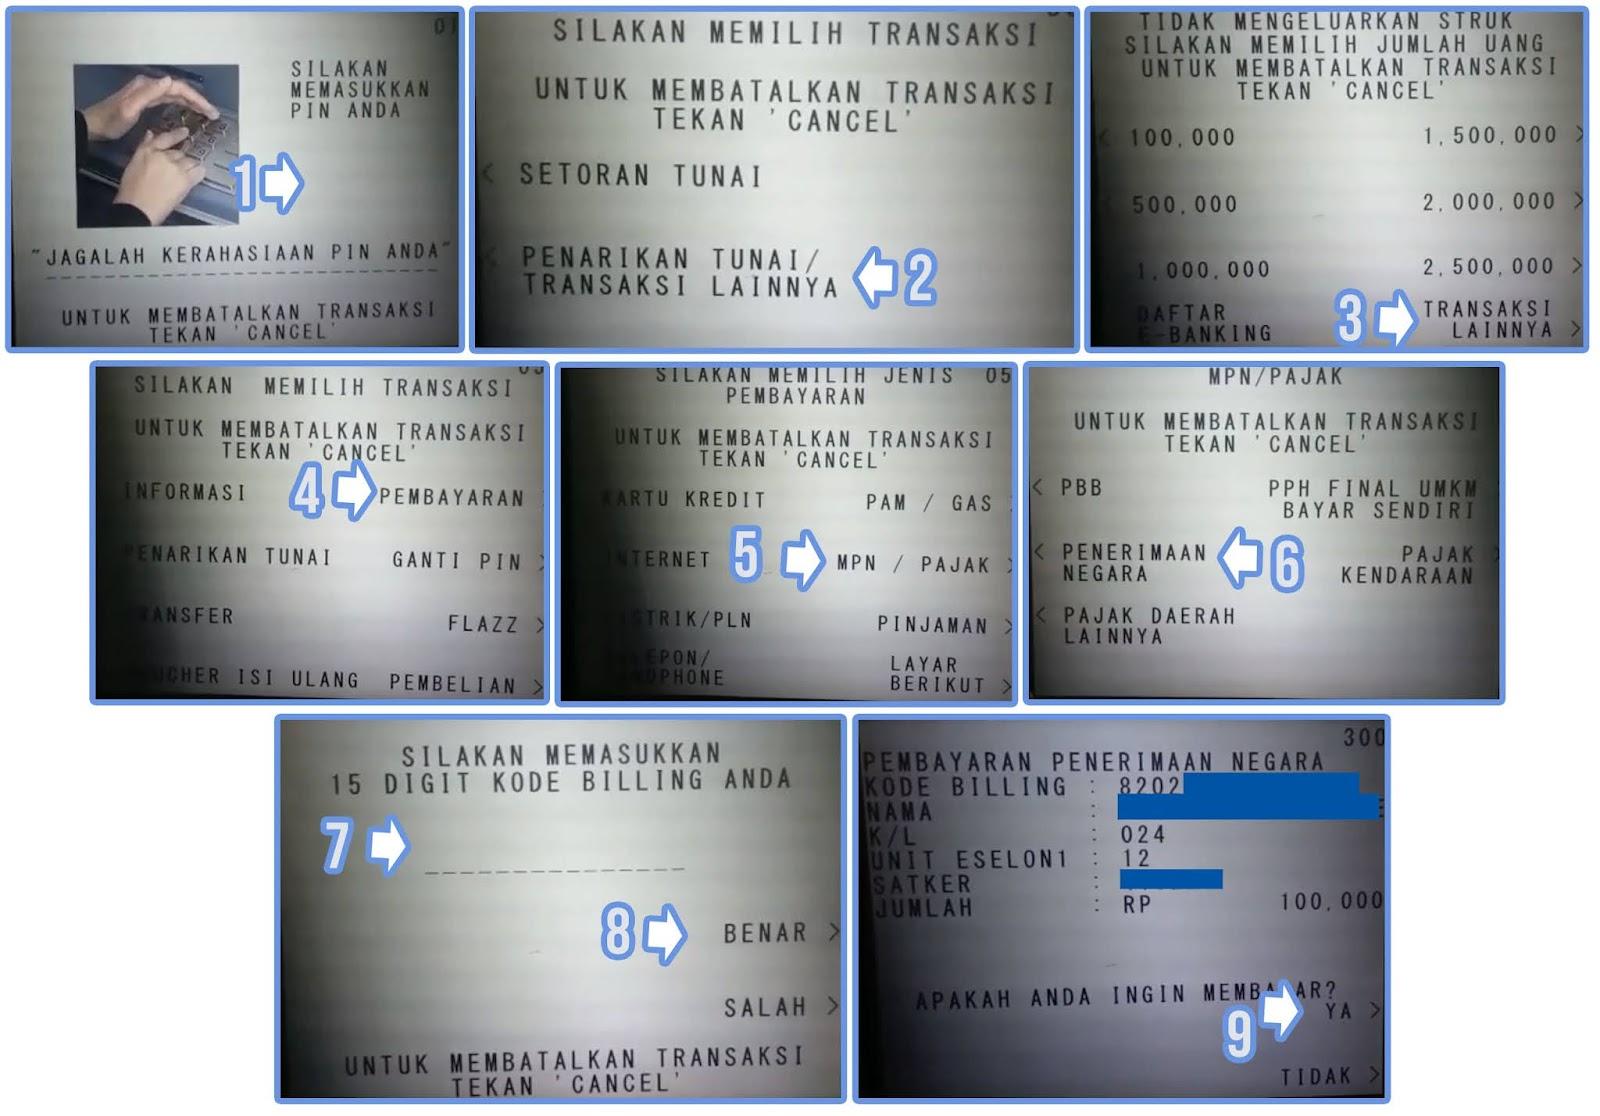 Cara Bayar Kode Billing STR Lewat ATM BCA